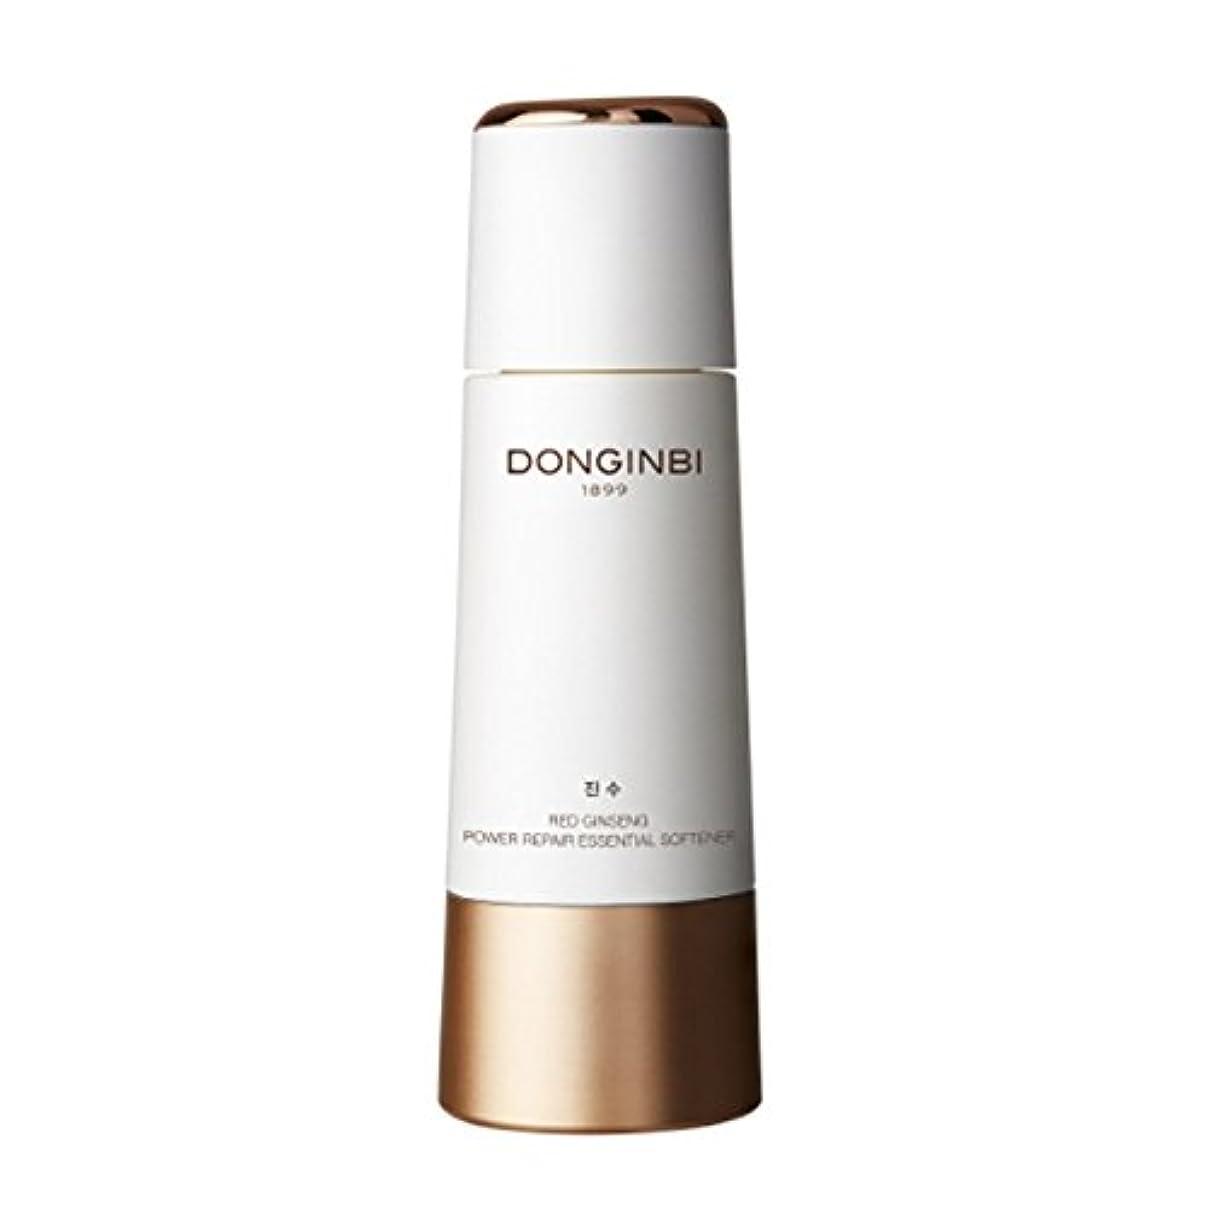 ほとんどない本遠征[ドンインビ]DONGINBI ドンインビ ジン化粧水 130ml 海外直送品 toner130ml [並行輸入品]